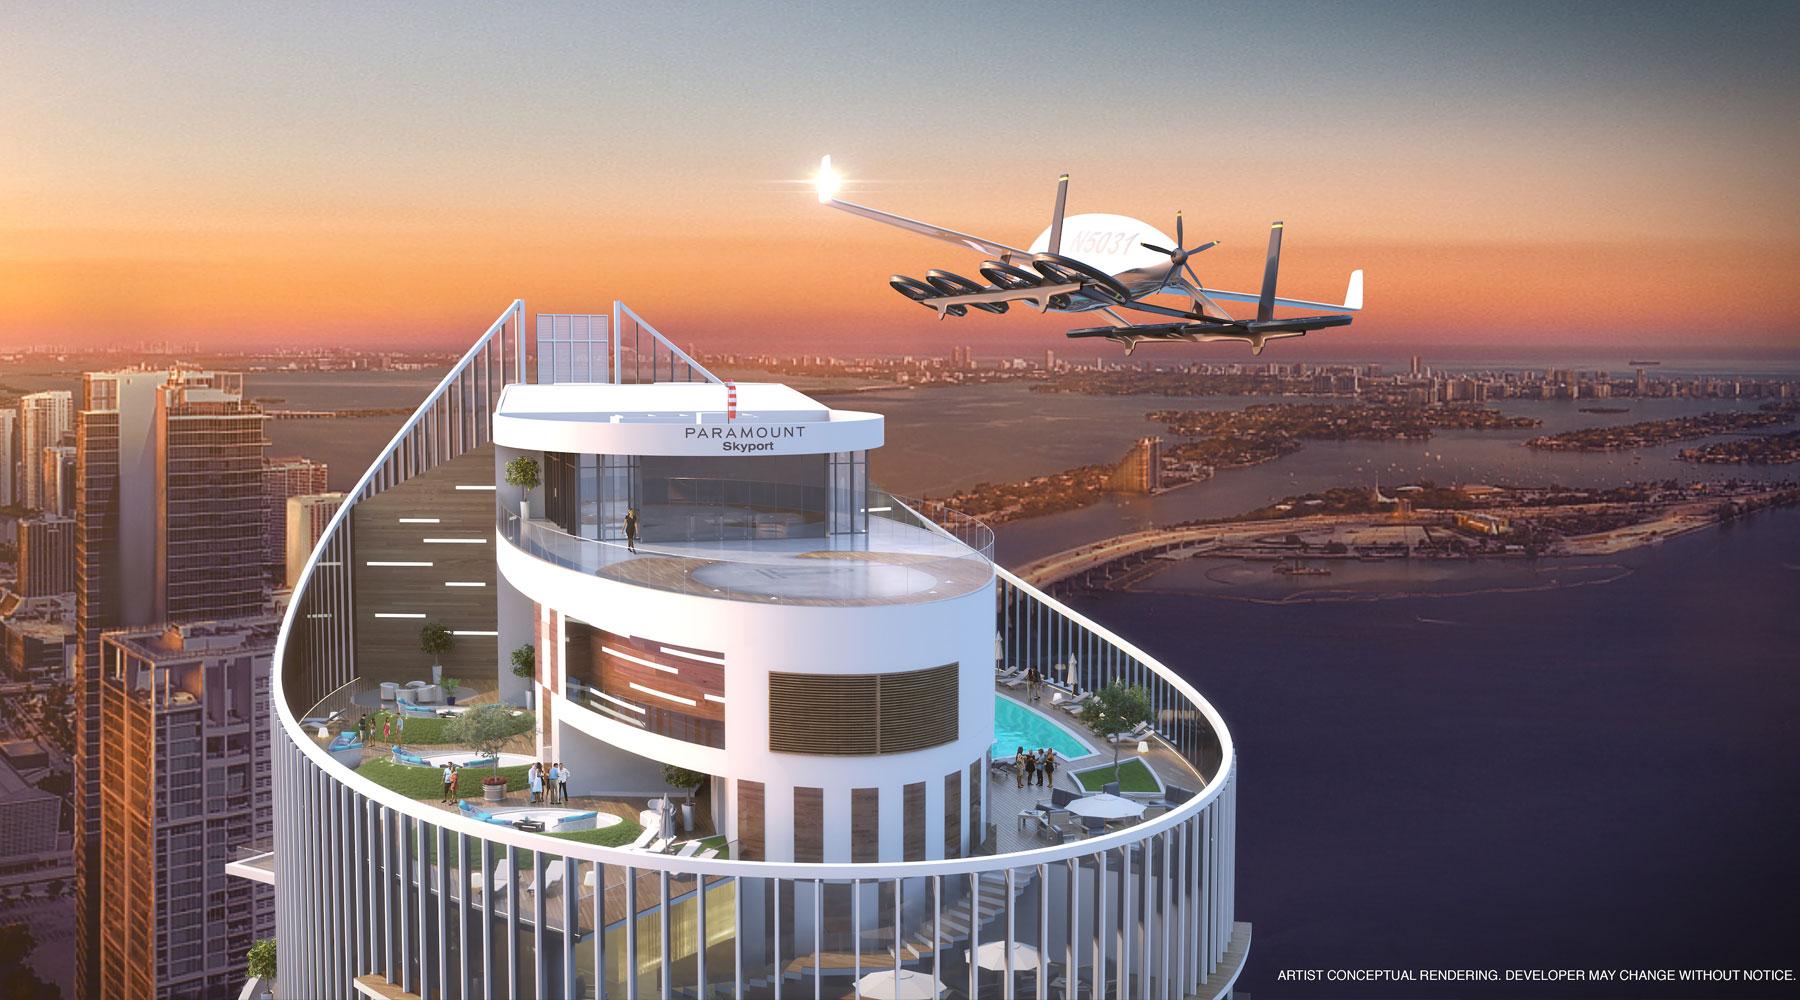 Unaproyeccióndel skyport del Paramount Miami World Center, para automóviles voladores.